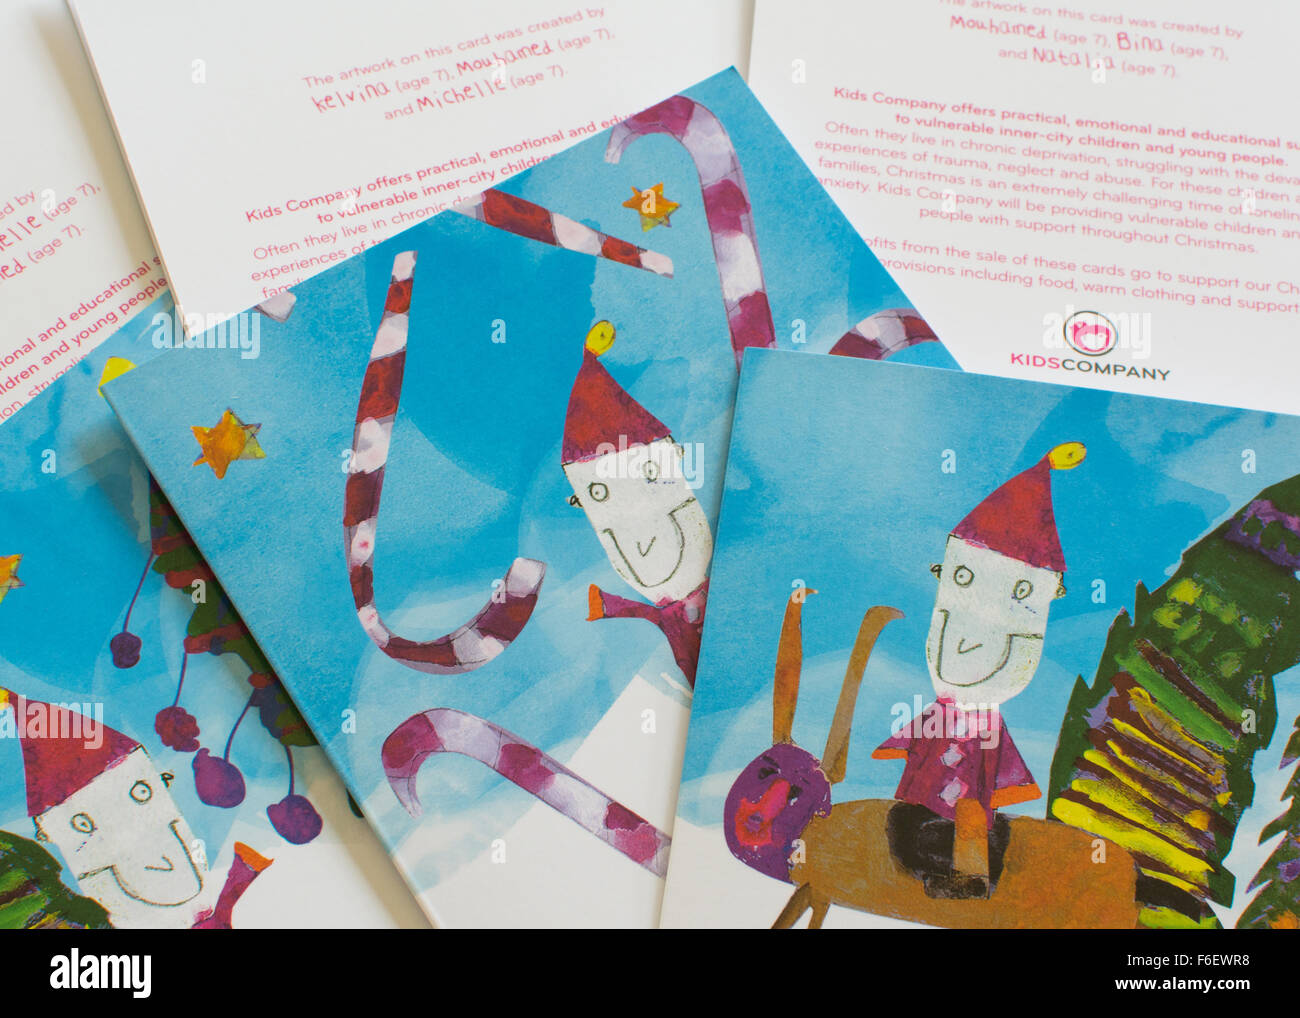 Carte di Natale per bambini di supporto azienda la carità - 2014 Immagini Stock